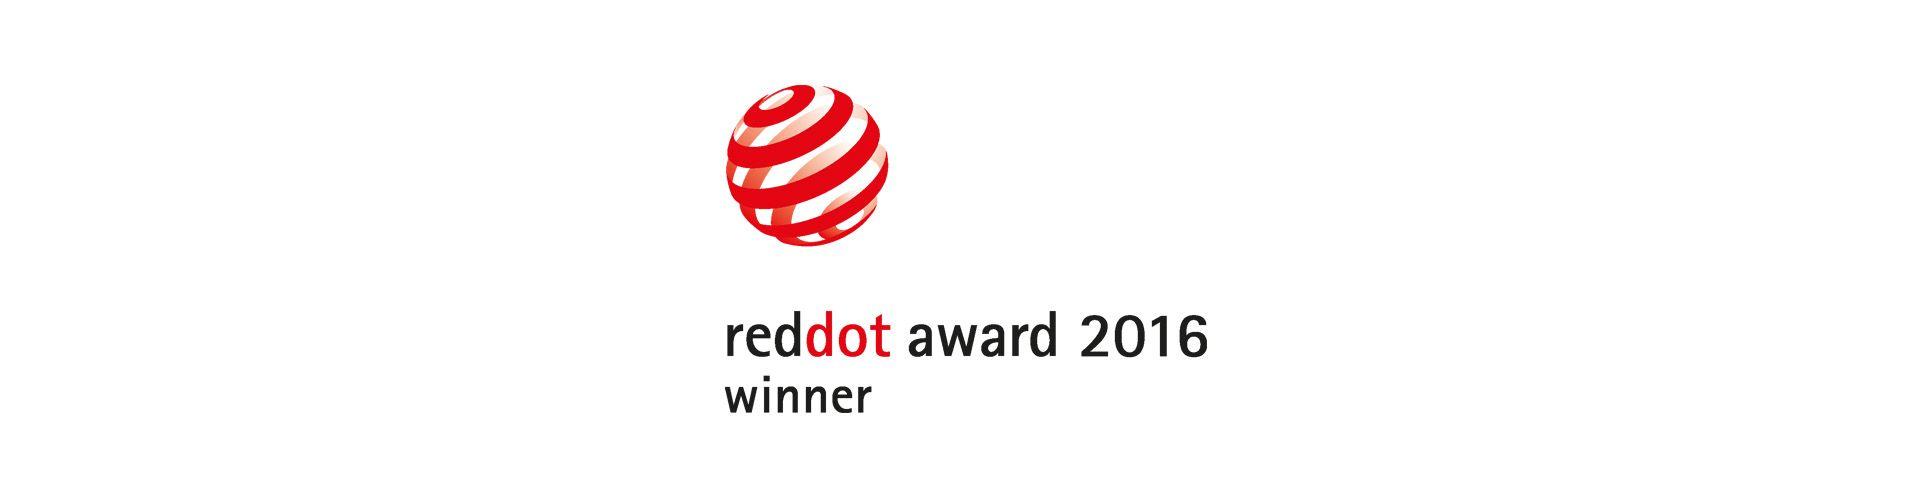 Handsurgery – Linos reddot AWARD 2016